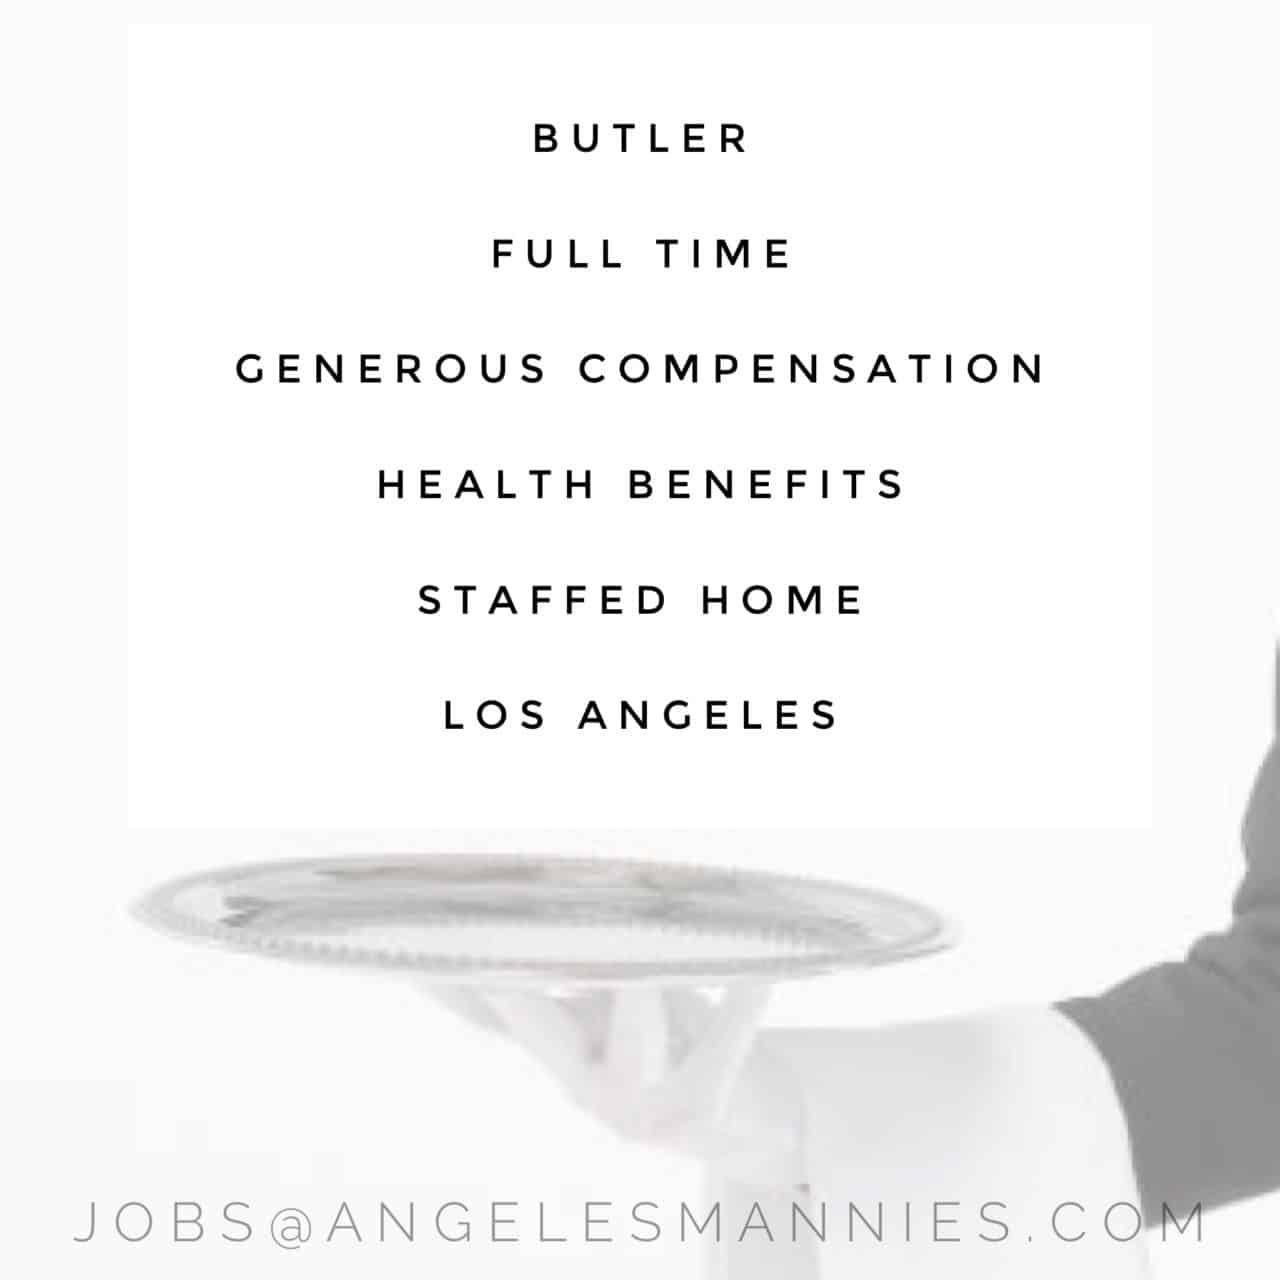 Butler Los Angeles